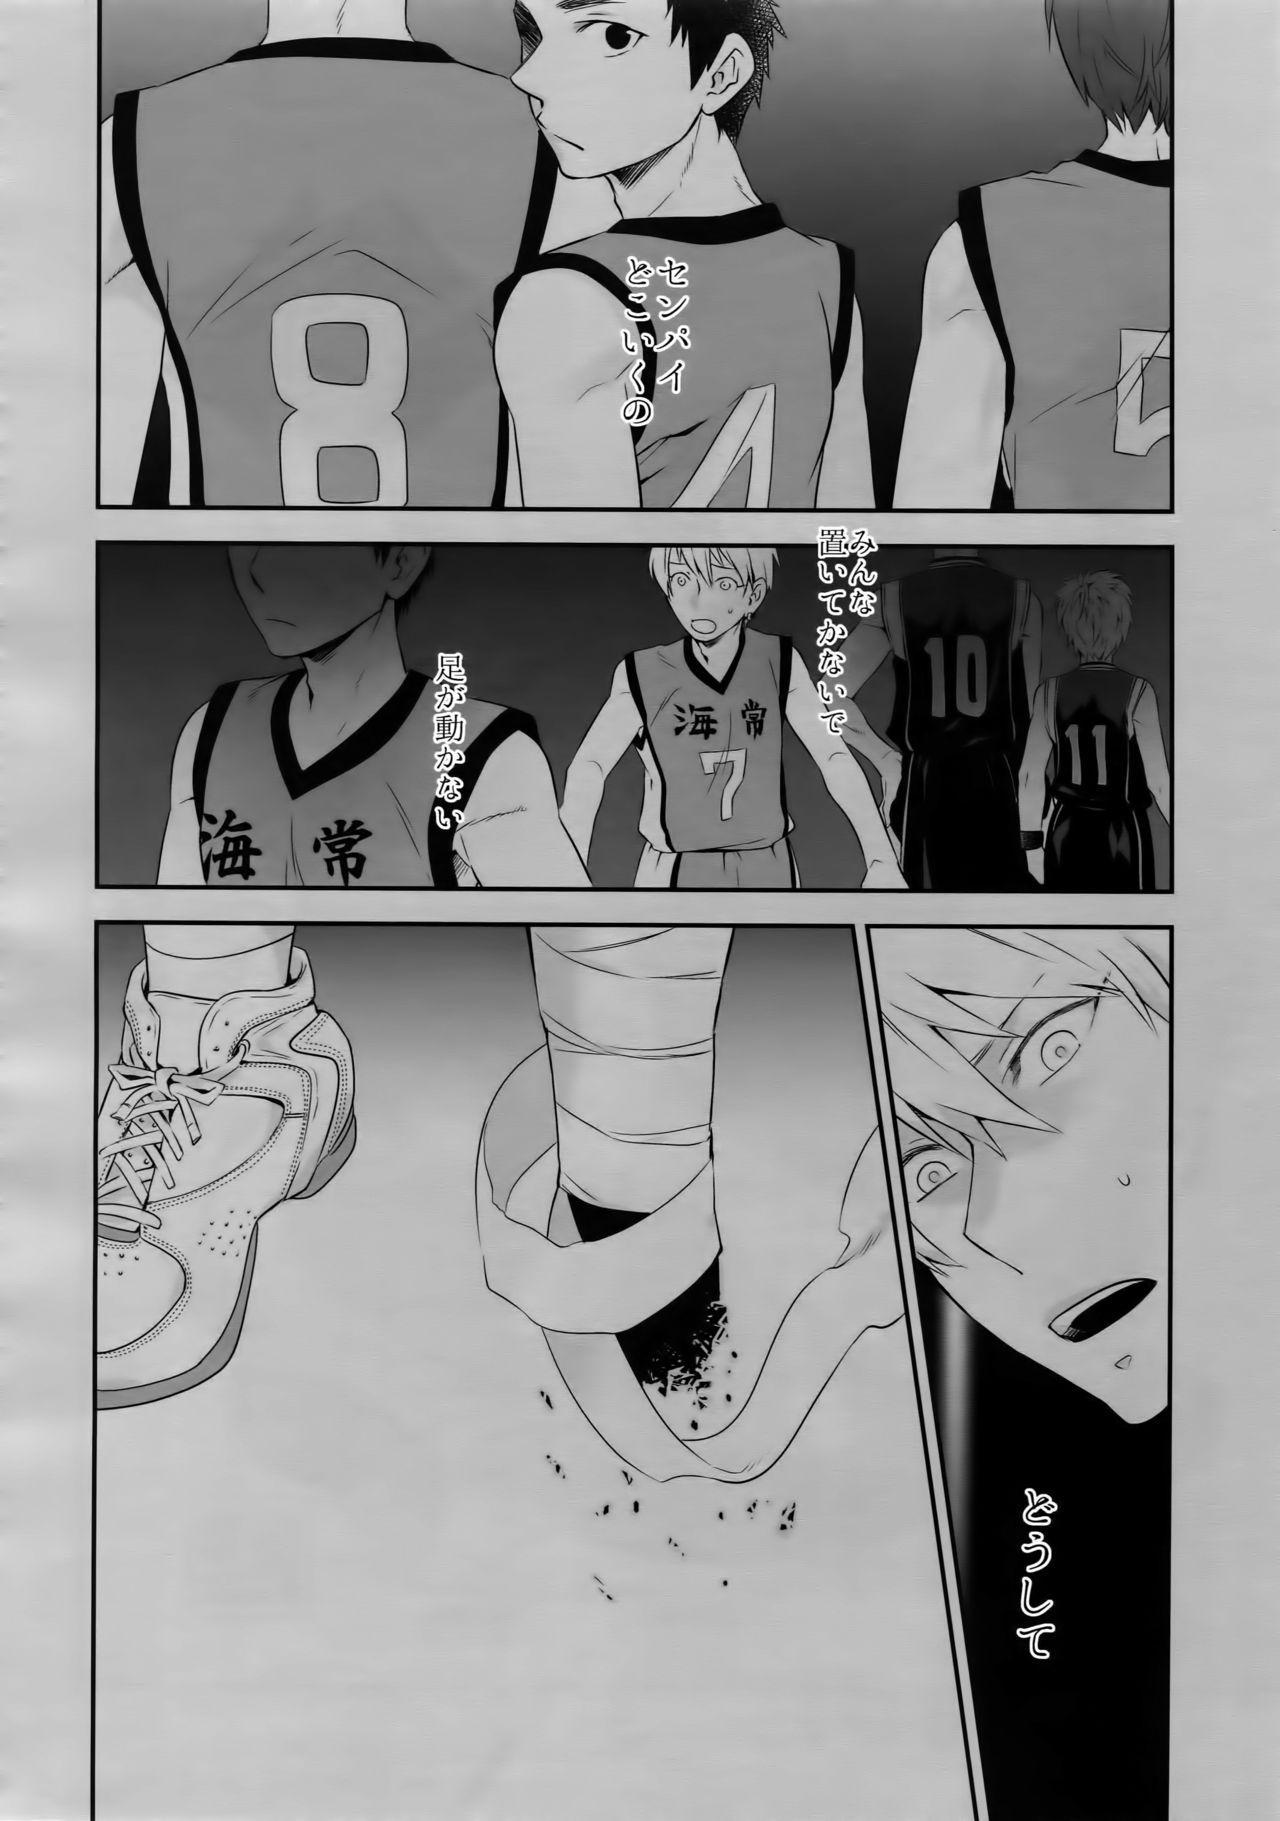 [Bakuchi Jinsei SP (Satsuki Fumi)] Kanpeki Kareshi to Zettai Ryouiki Ouji-sama - Another Version - (Kuroko no Basket) 122